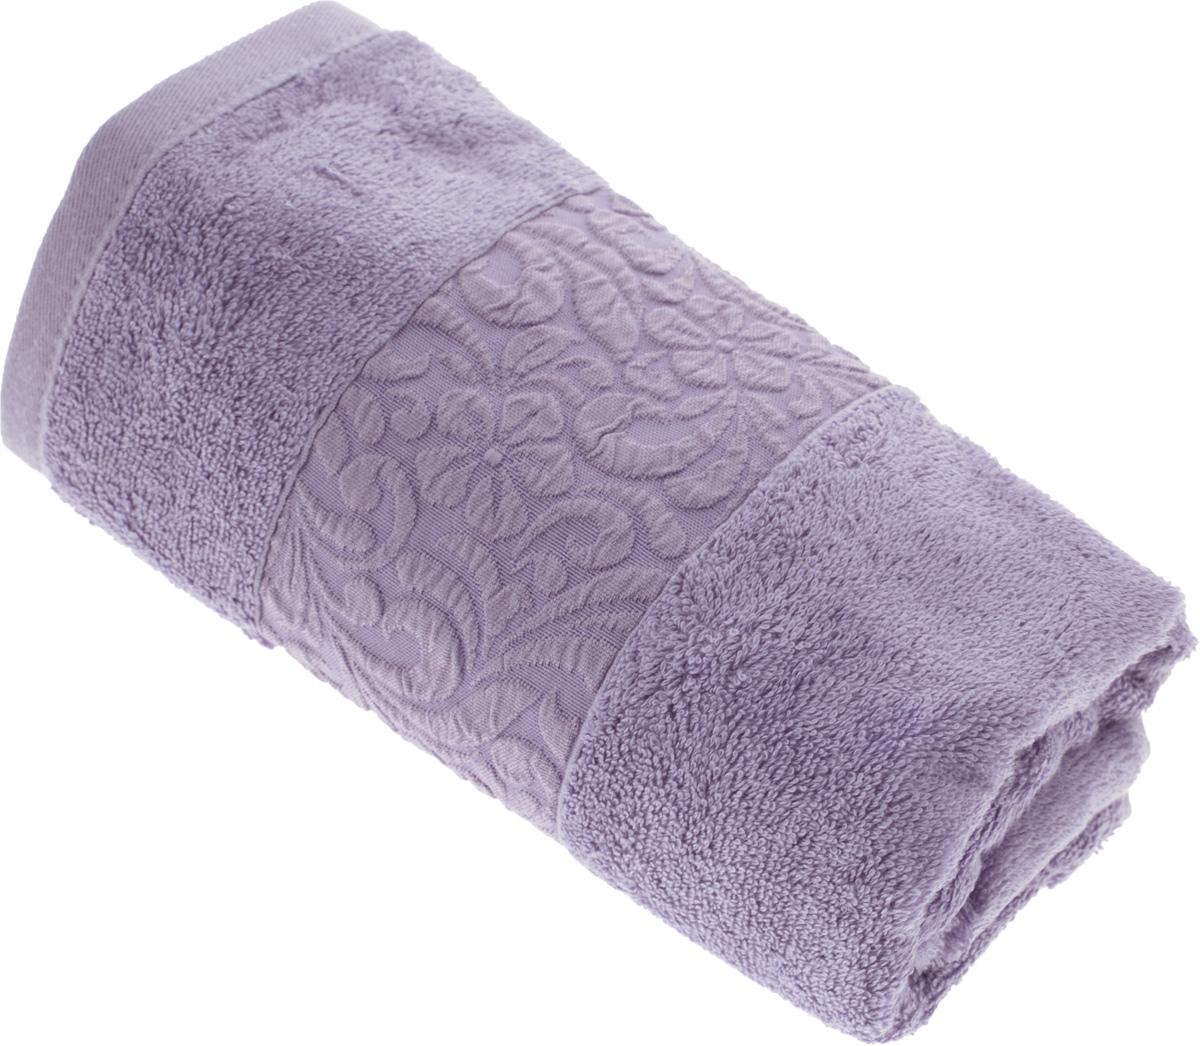 Полотенце бамбуковое Issimo Home Valencia, цвет: фиолетовый, 50 x 90 см391602Полотенце Issimo Home Valencia выполнено из 60% бамбукового волокна и 40% хлопка. Таким полотенцем не нужно вытираться - только коснитесь кожи - и ткань сама все впитает. Такая ткань впитывает в 3 раза лучше, чем хлопок.Несмотря на высокую плотность, полотенце быстро сохнет, остается легкими даже при намокании.Изделие имеет красивый жаккардовый бордюр, оформленный цветочным орнаментом. Благородные, классические тона создадут уют и подчеркнут лучшие качества махровой ткани, а сочные, яркие, летние оттенки создадут ощущение праздника и наполнят дом энергией. Красивая, стильная упаковка этого полотенца делает его уже готовым подарком к любому случаю.